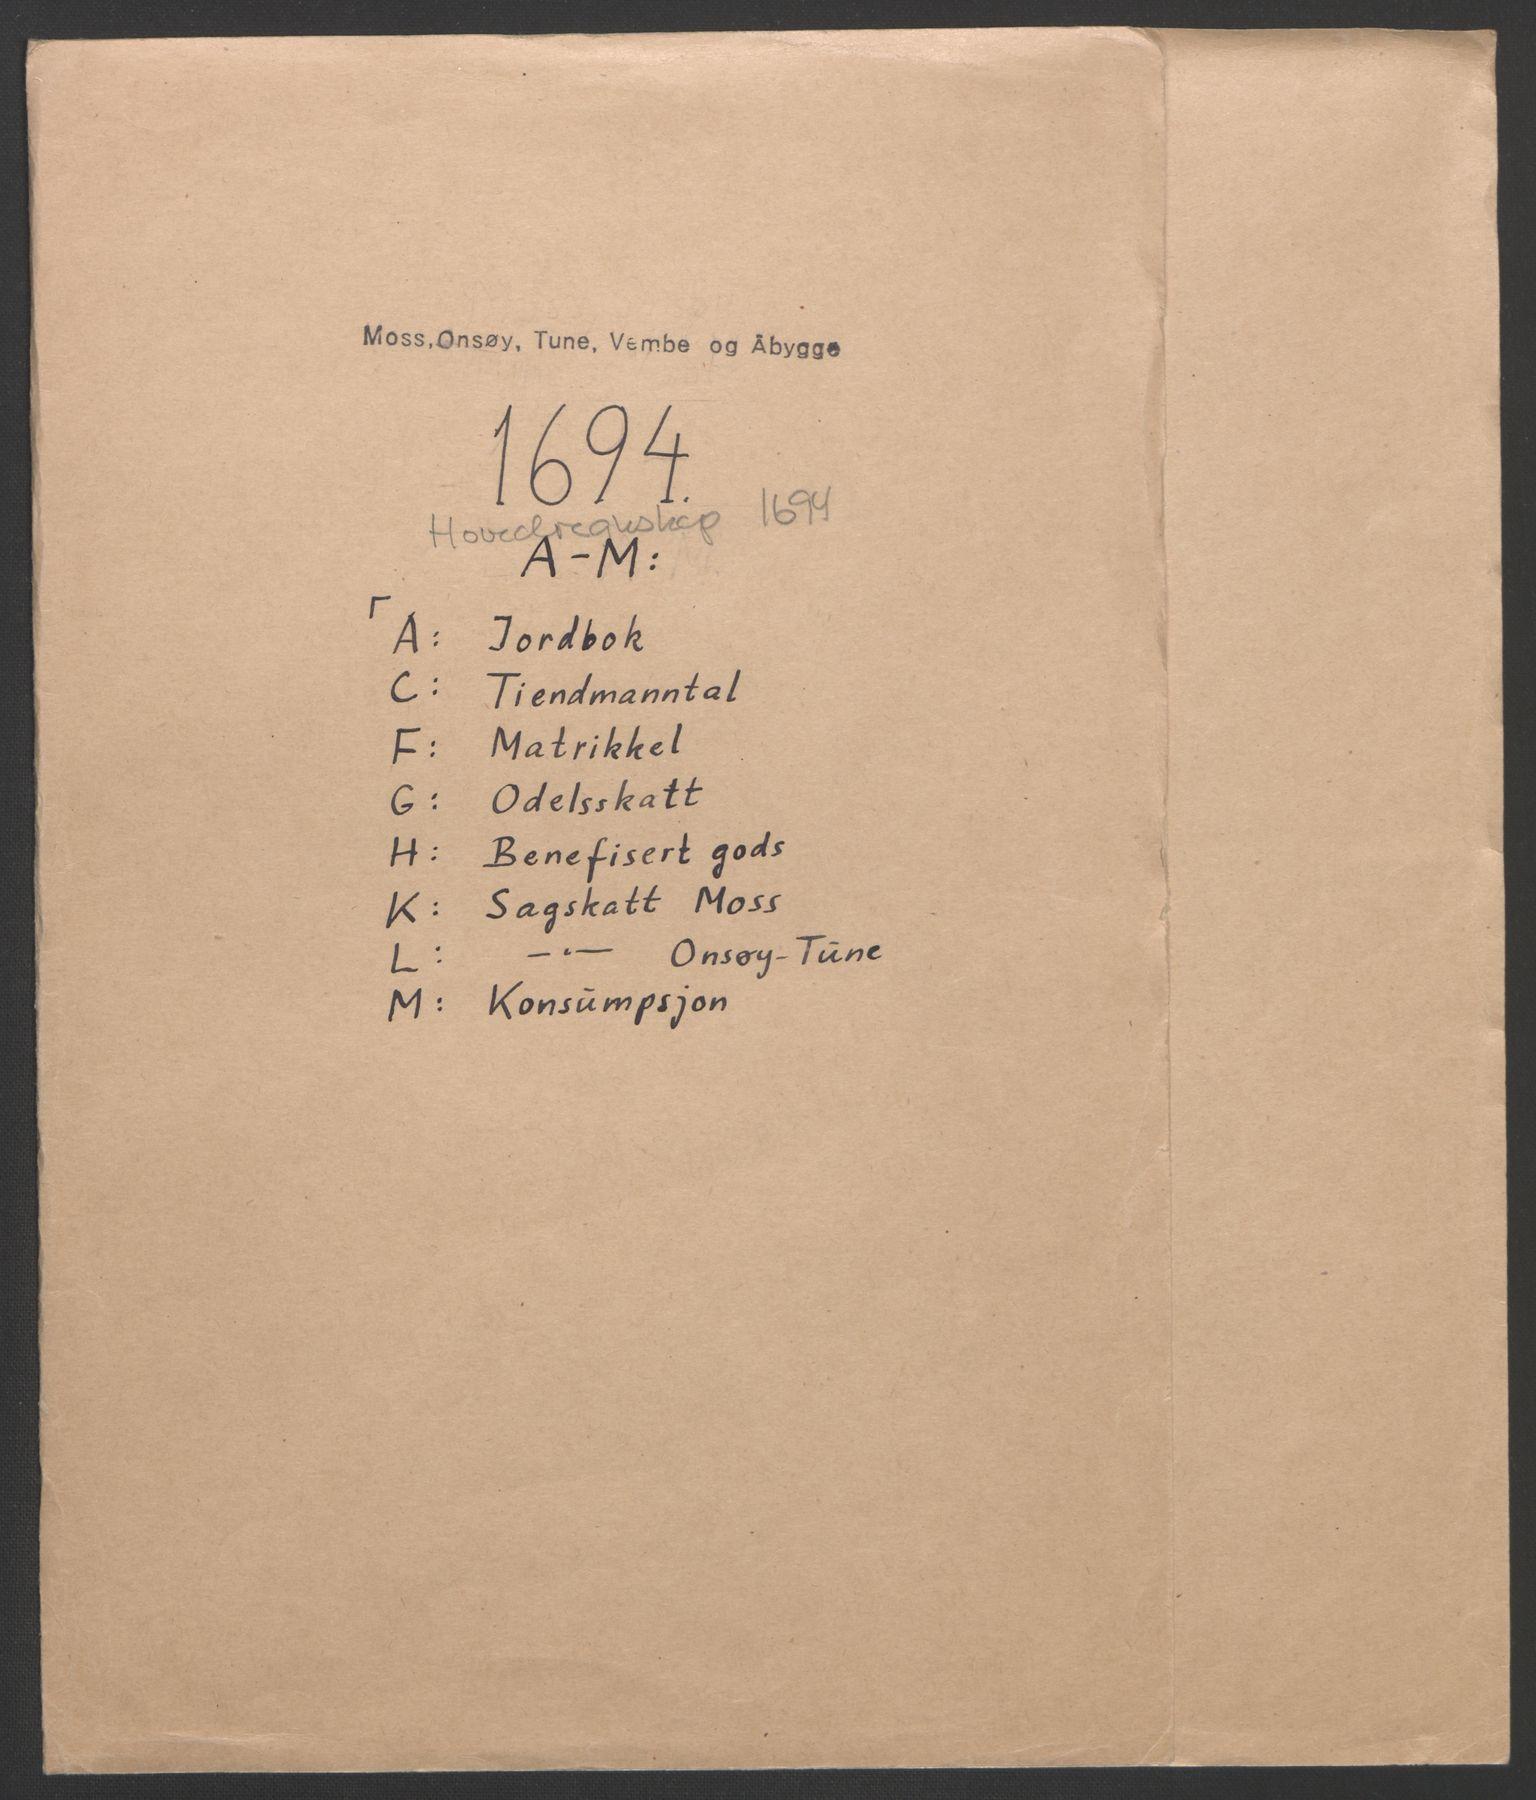 RA, Rentekammeret inntil 1814, Reviderte regnskaper, Fogderegnskap, R03/L0121: Fogderegnskap Onsøy, Tune, Veme og Åbygge fogderi, 1694, s. 2